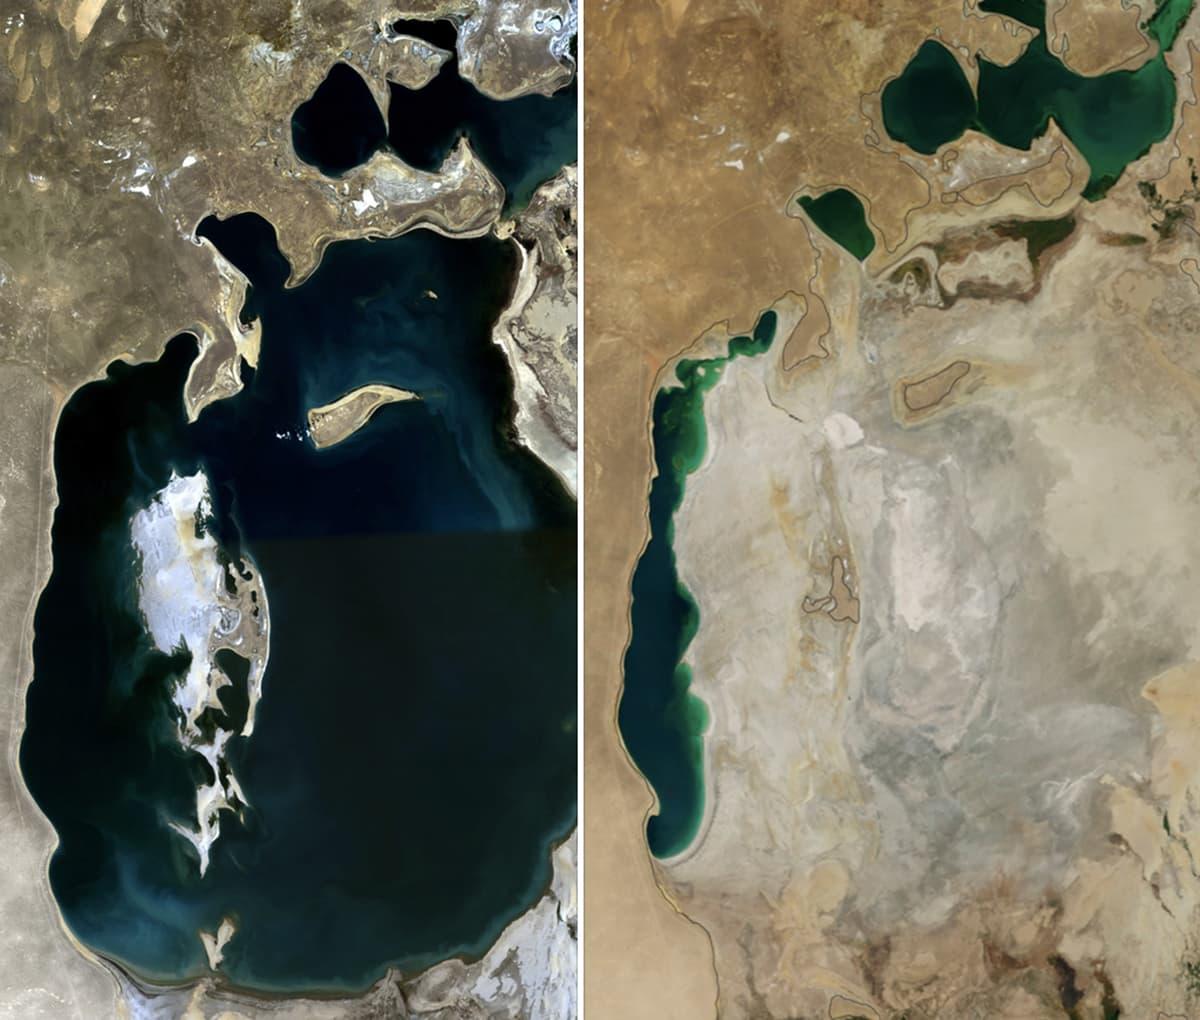 بائیں: بحیرہءِ ارال 1989 میں۔ دائیں: 2014 میں۔ — سیٹلائٹ فوٹو بشکریہ ناسا۔